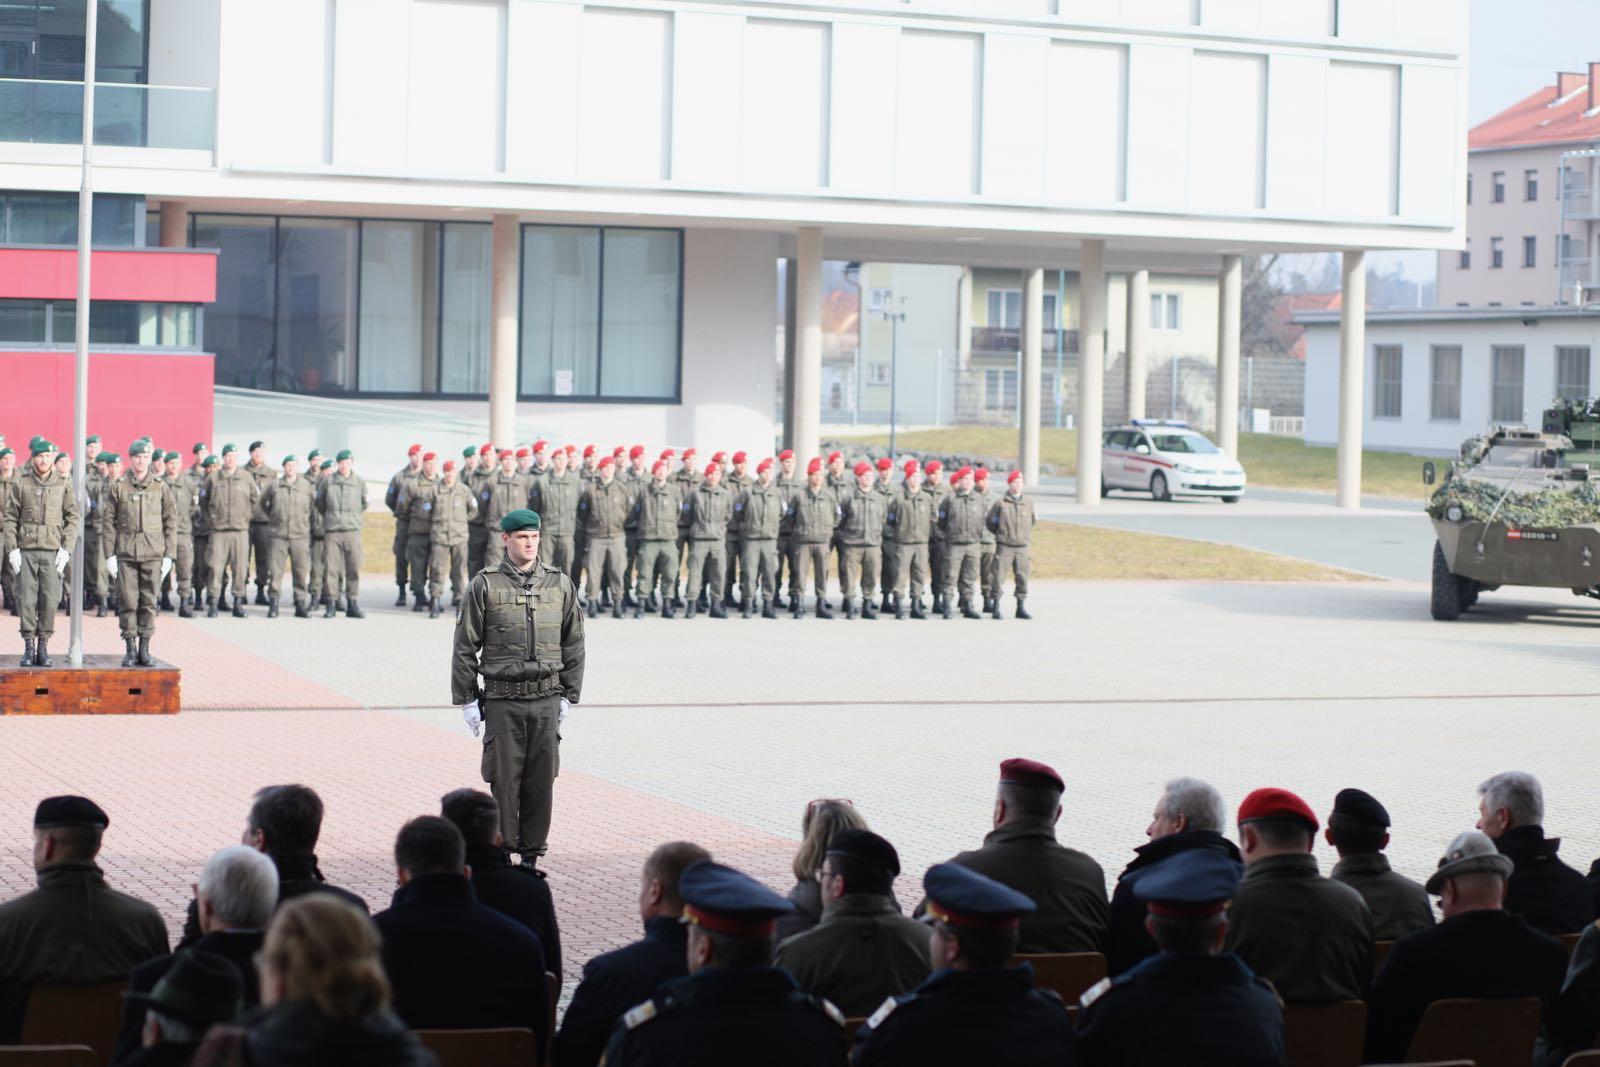 2019_02_08_5Gardekompanie_KPE_EUFOR30_Verabschiedung - 35 of 61